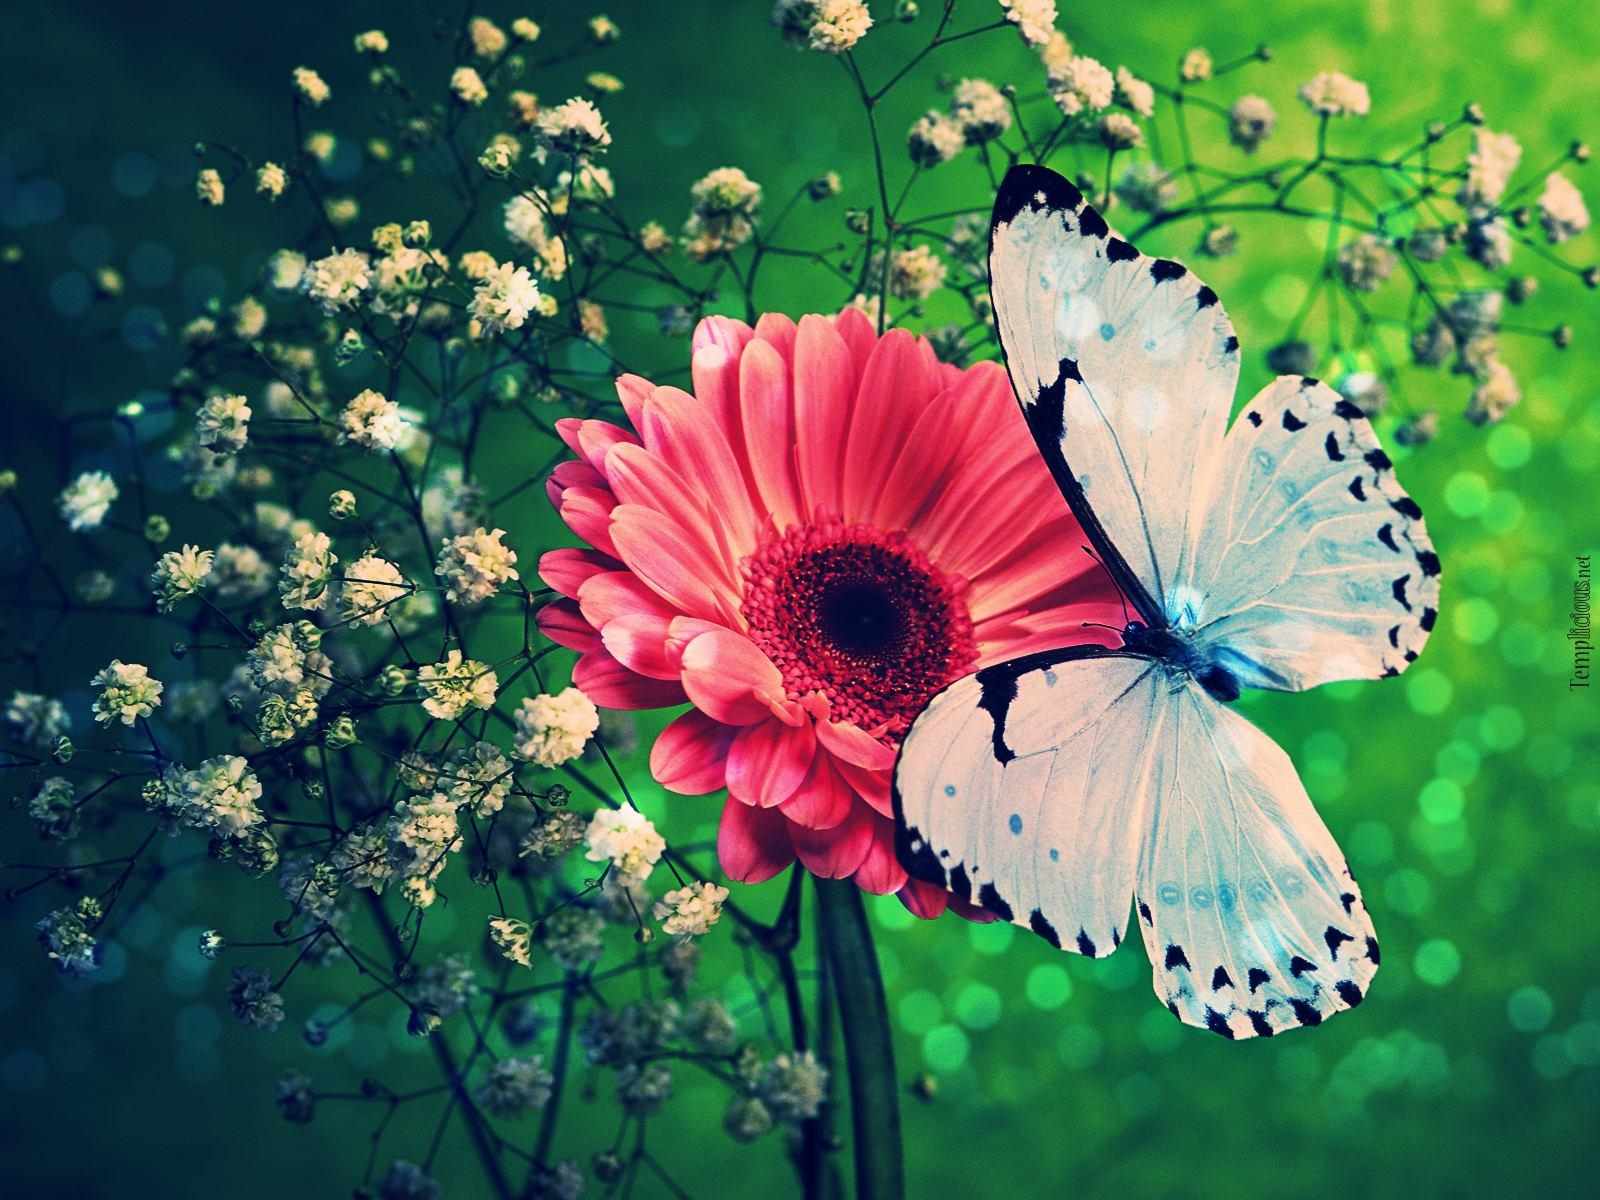 Wallpapers Butterflies - Wallpaper Cave